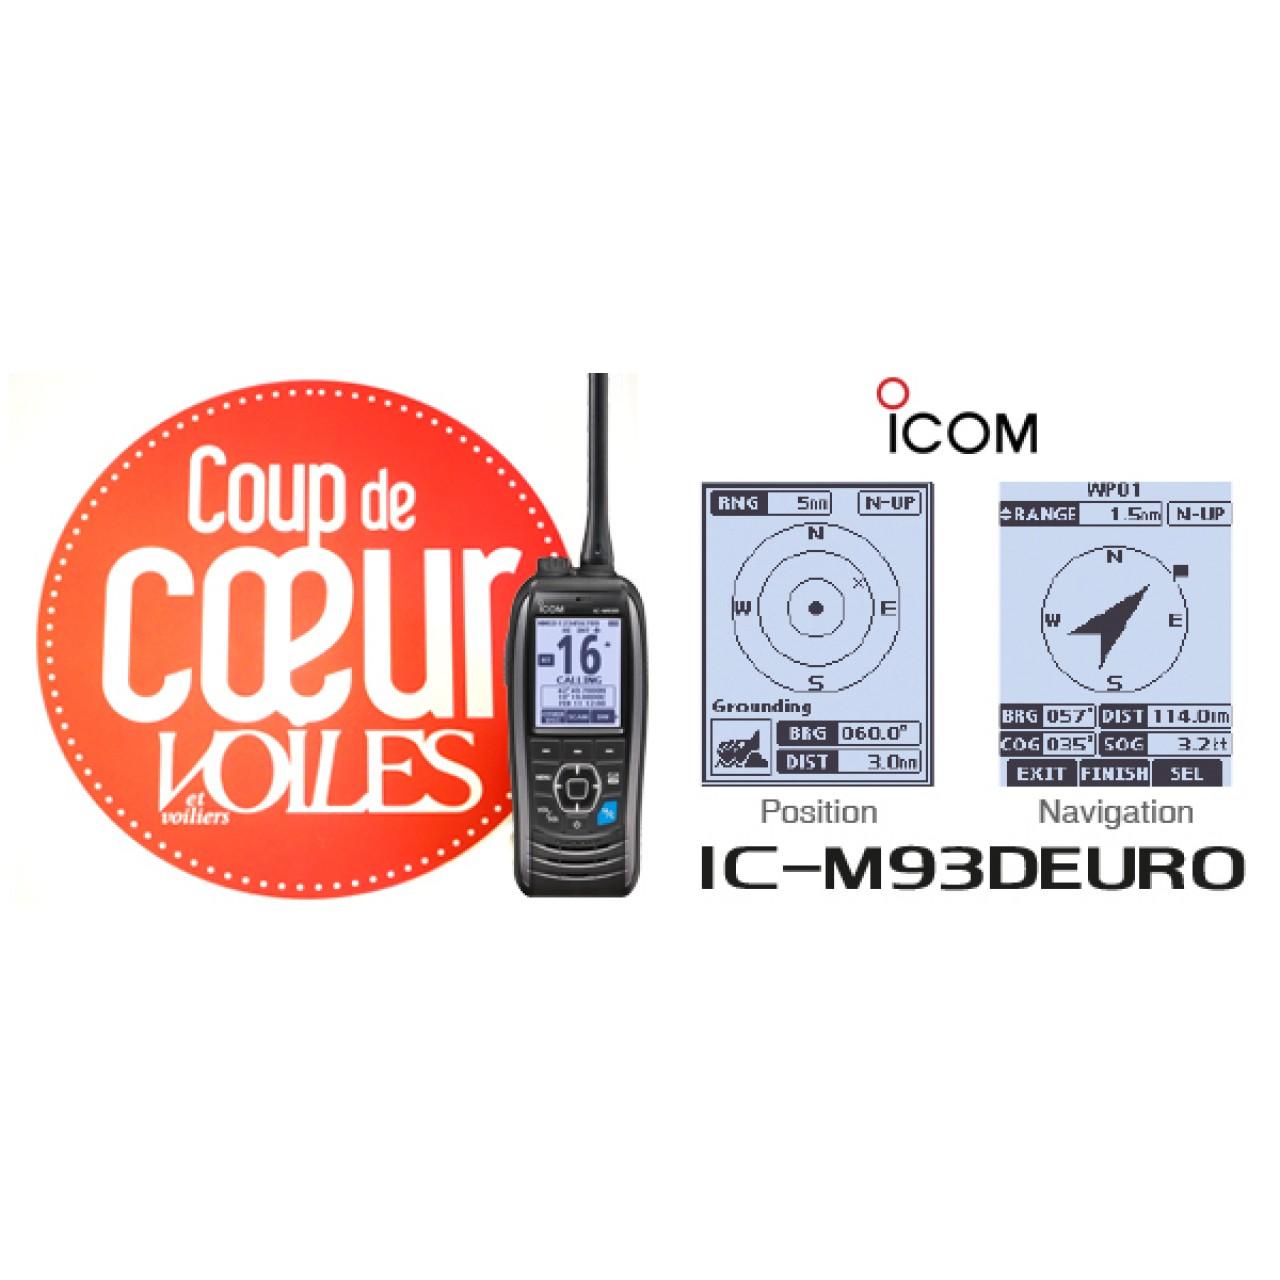 VHF ICOM IC-M93DEURO Coup de coeur Voiles et Voiliers